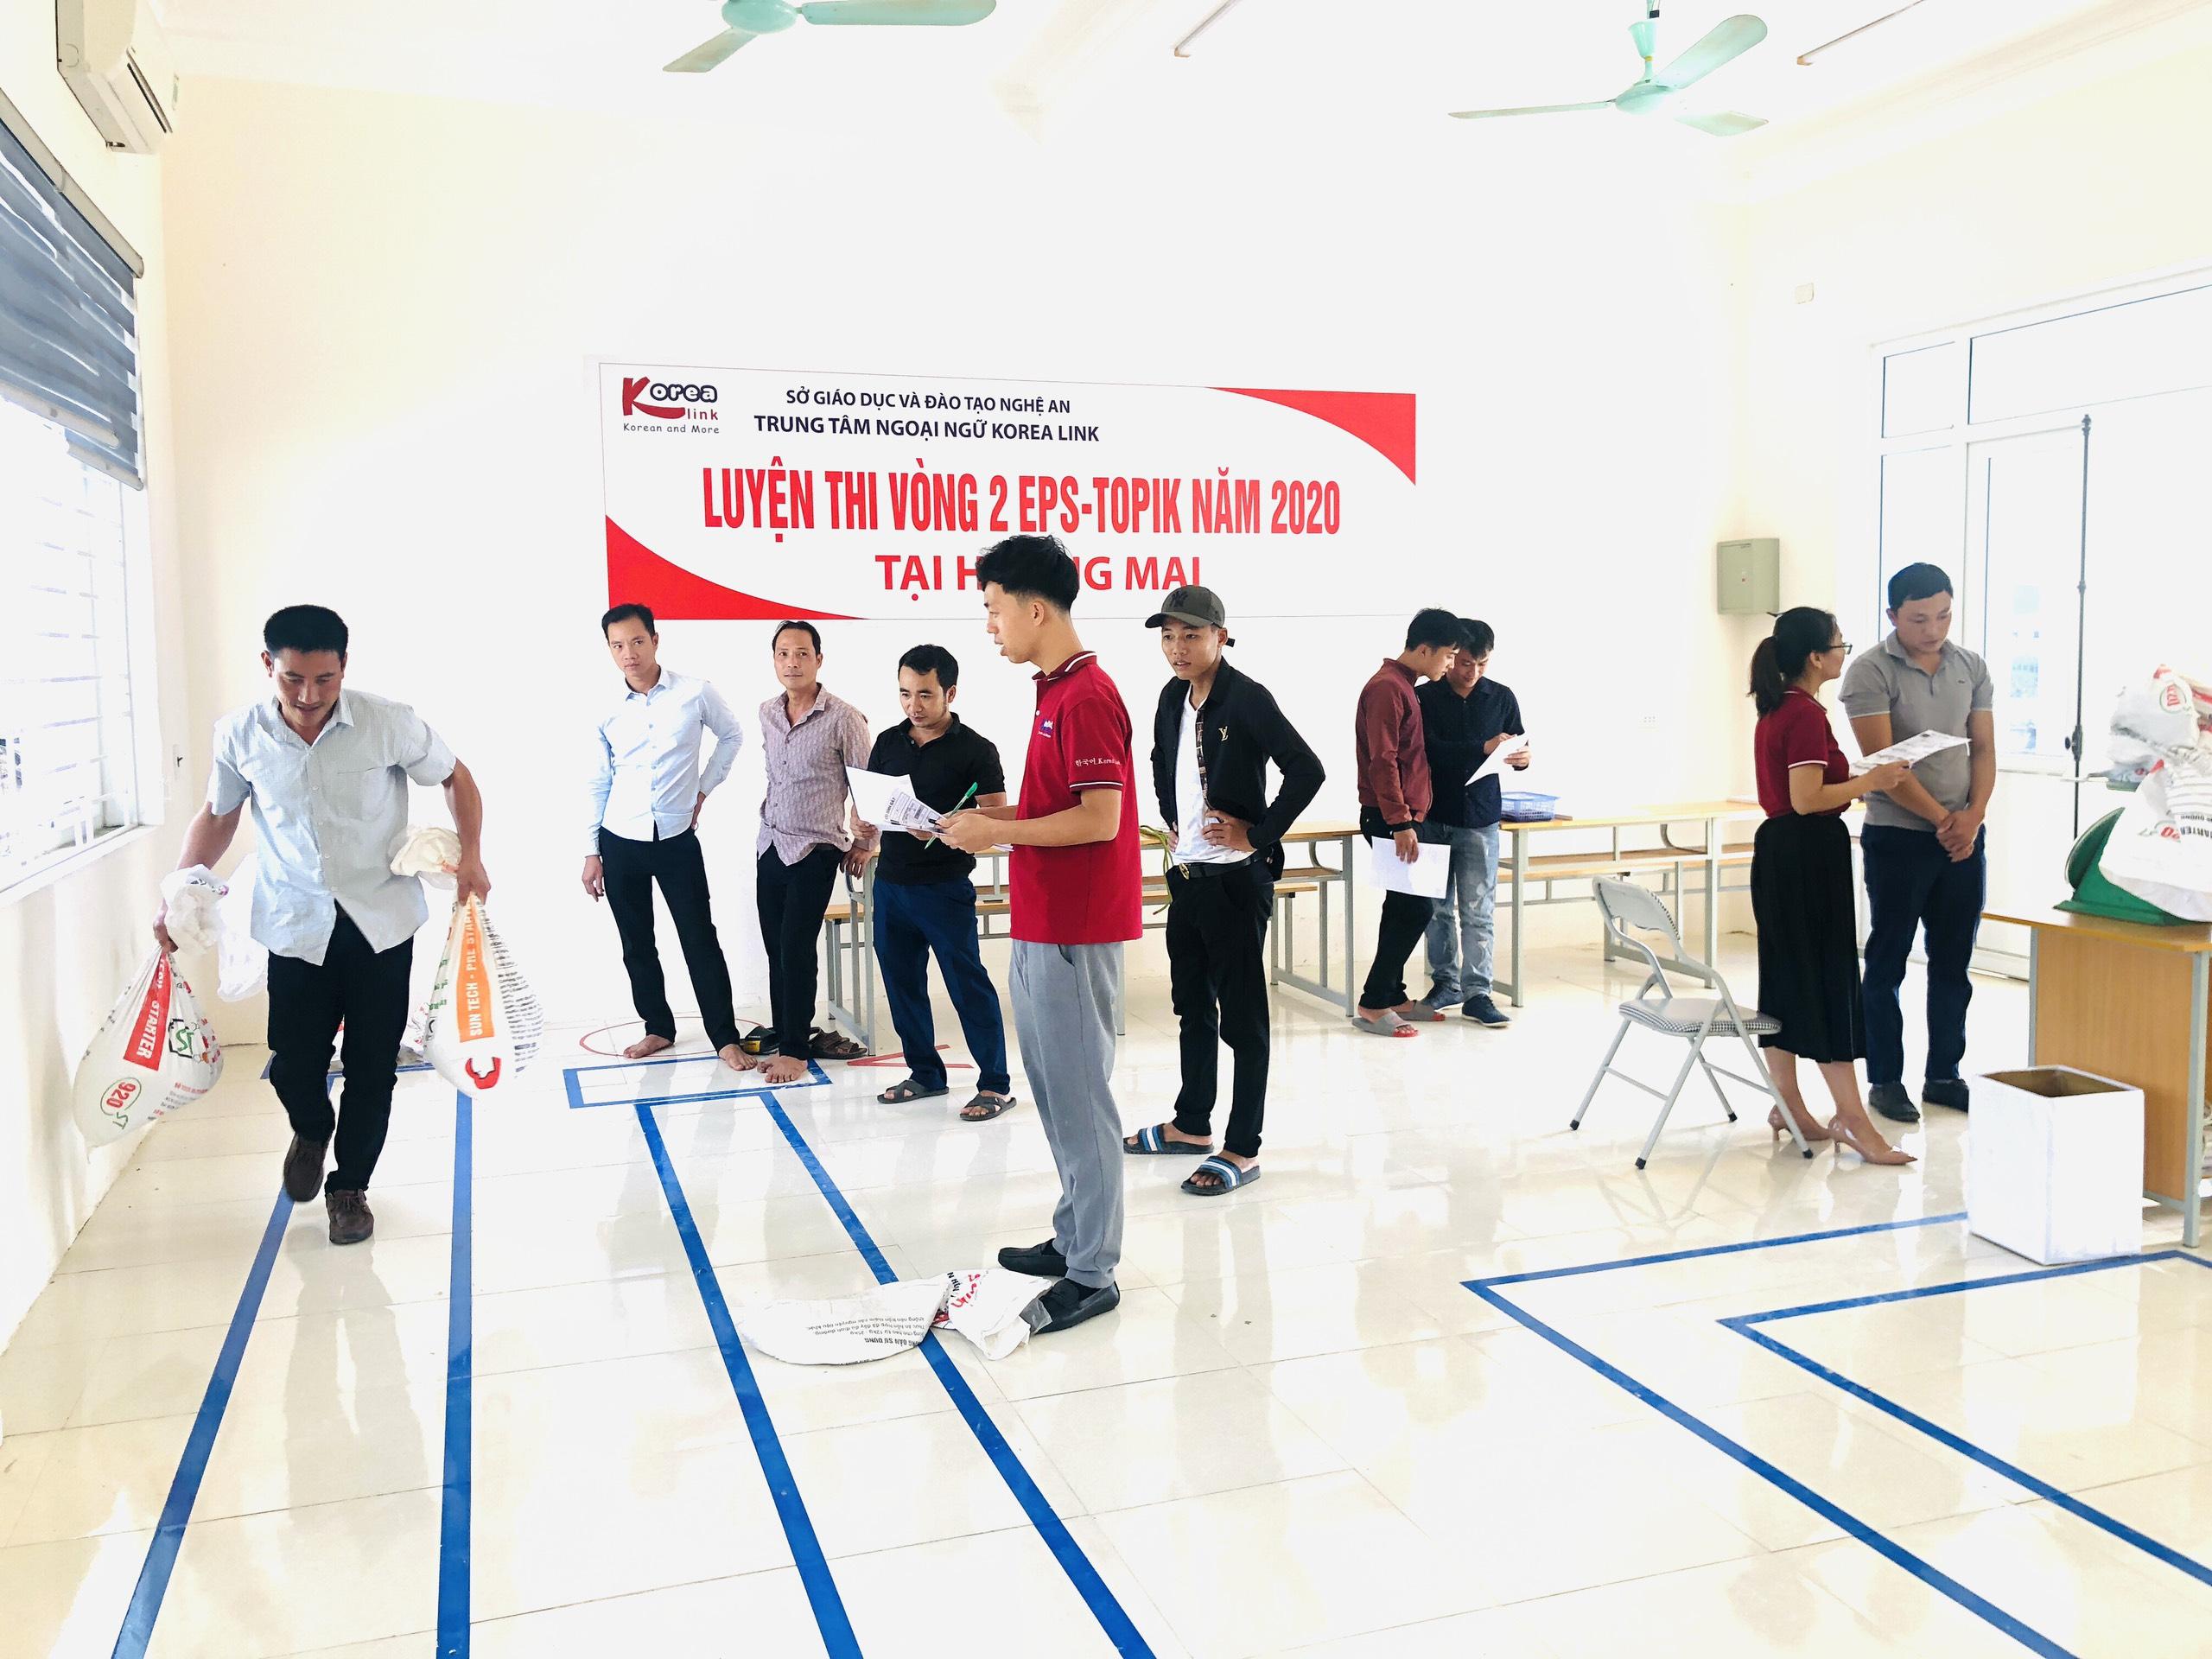 Korea Link tổ chức thi thử EPS ngành Ngư Nghiệp vòng 2 năm 2020